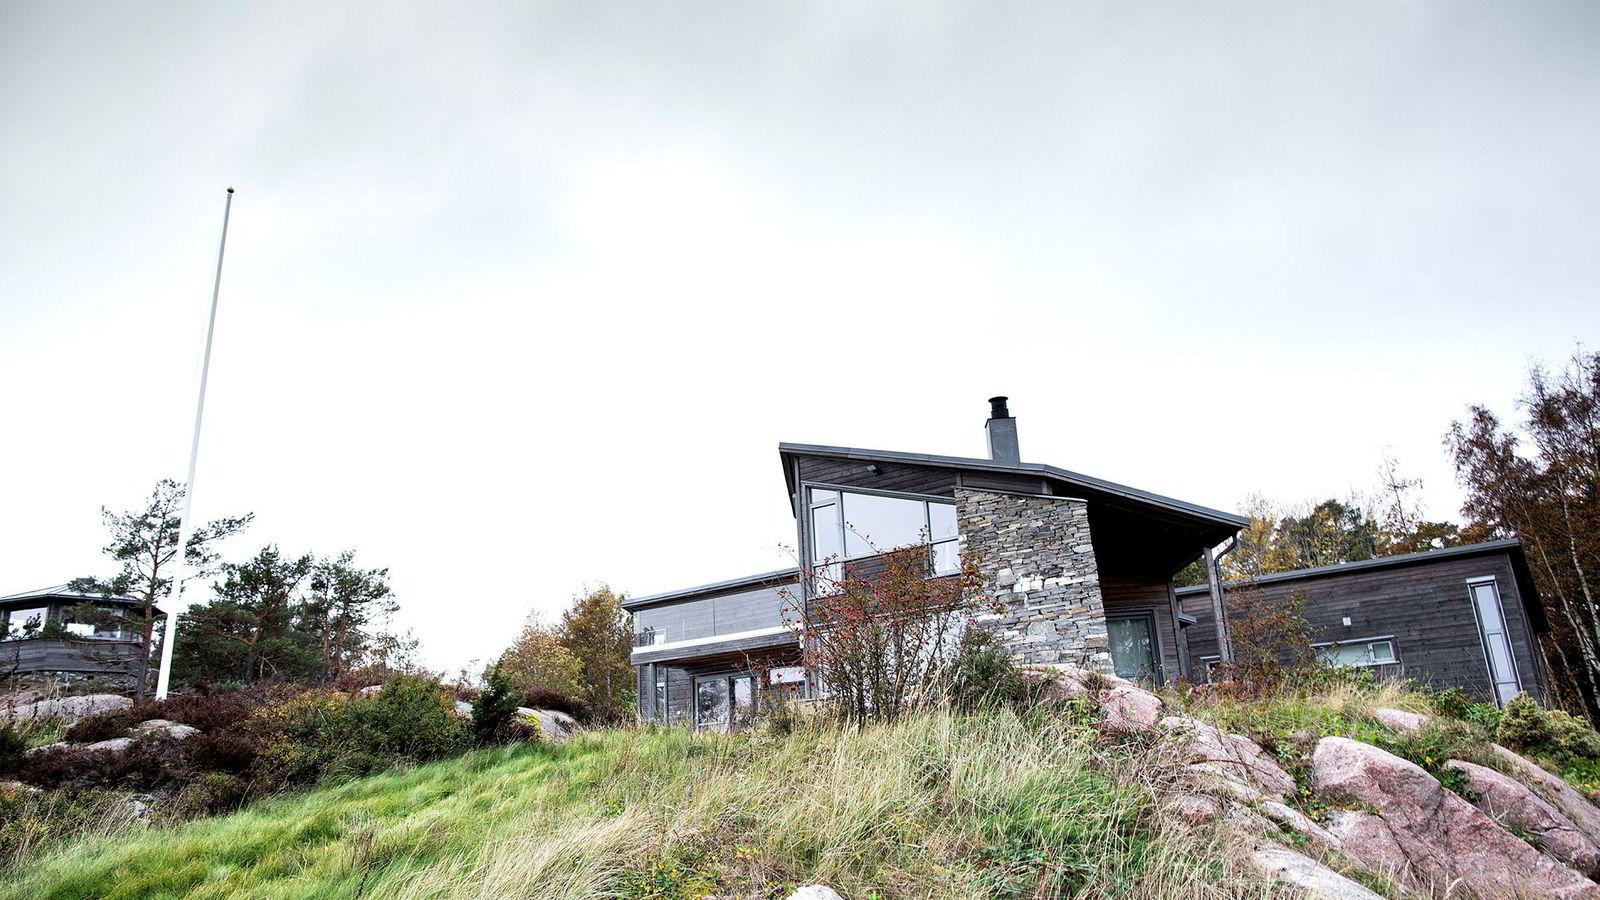 Eieren av denne hytta utenfor Grimstad ble dømt til fengsel og bøter for å ha vist «nærmest total mangel på respekt for plan- og bygningsloven.»